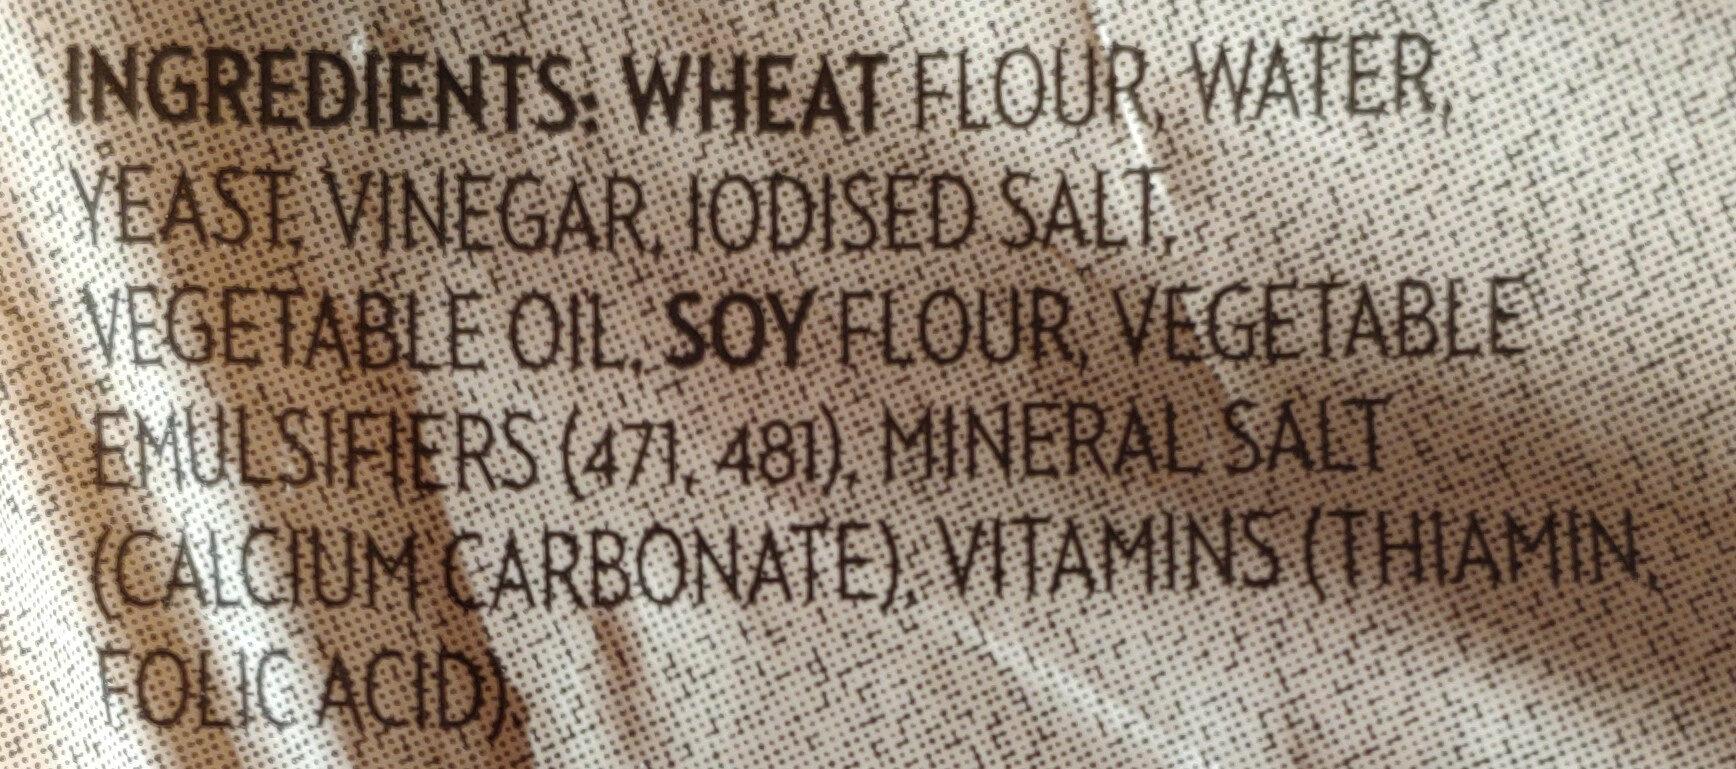 Sliced White Bread - Ingrediënten - en